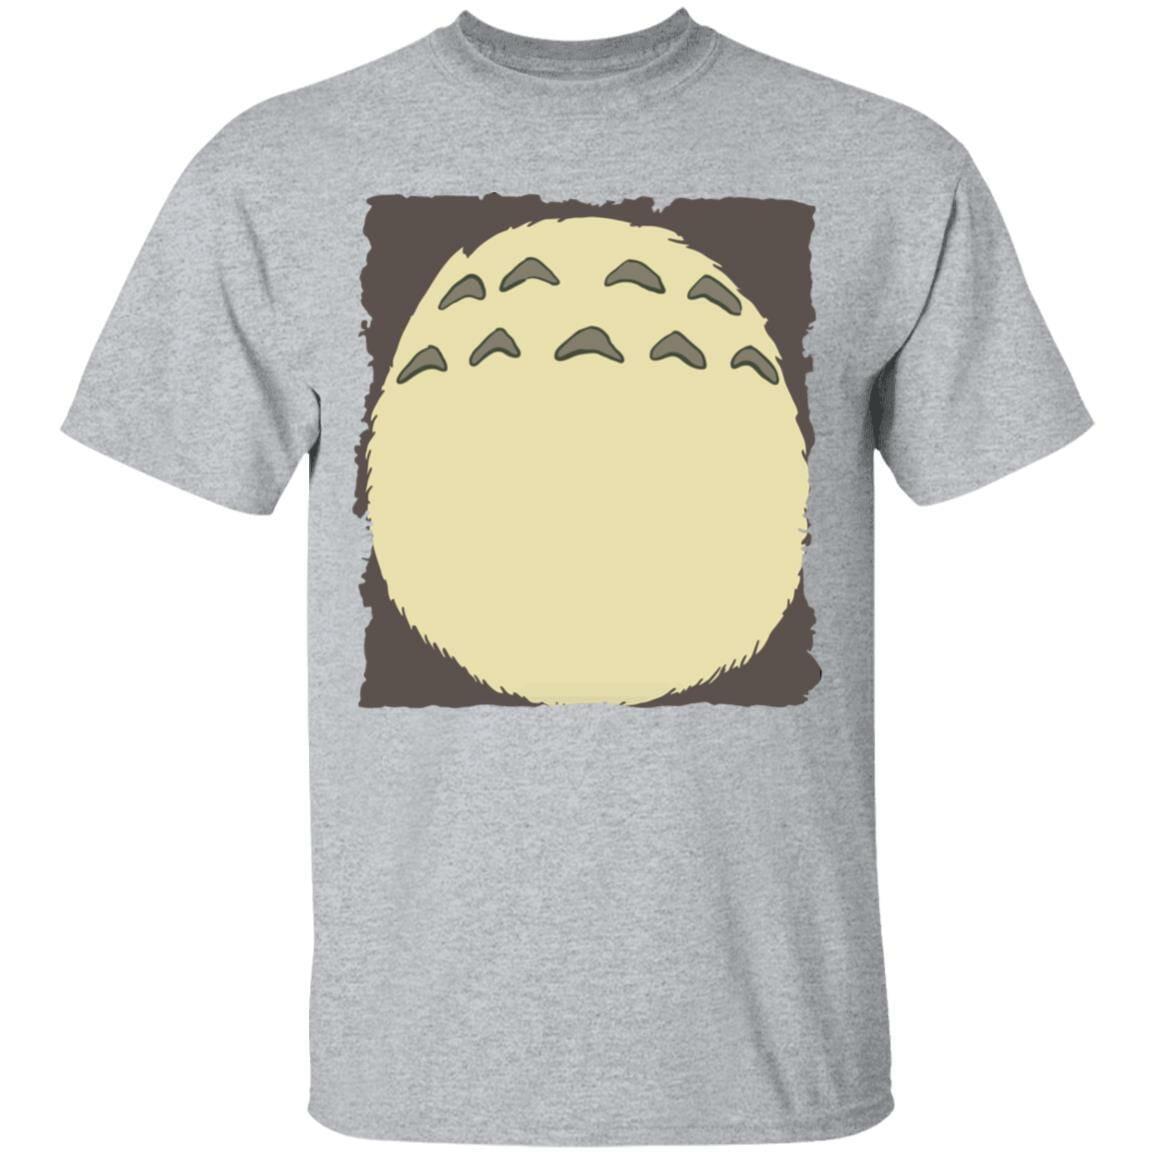 My Neighbor Totoro – Totoro Belly T Shirt